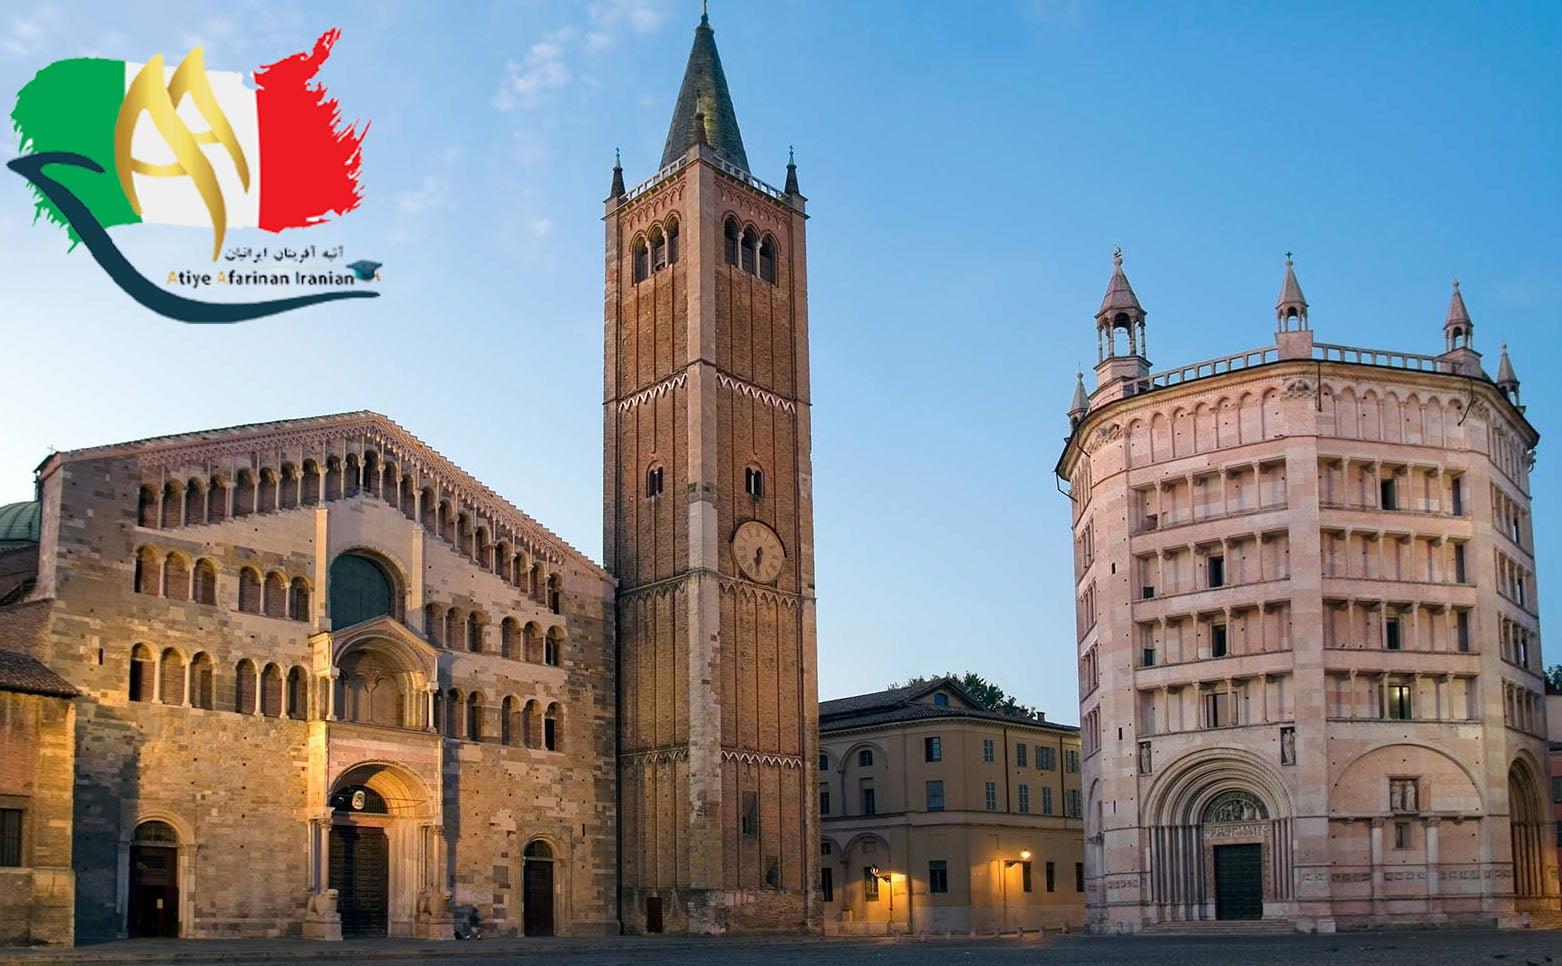 دانشگاه پارما ایتالیا